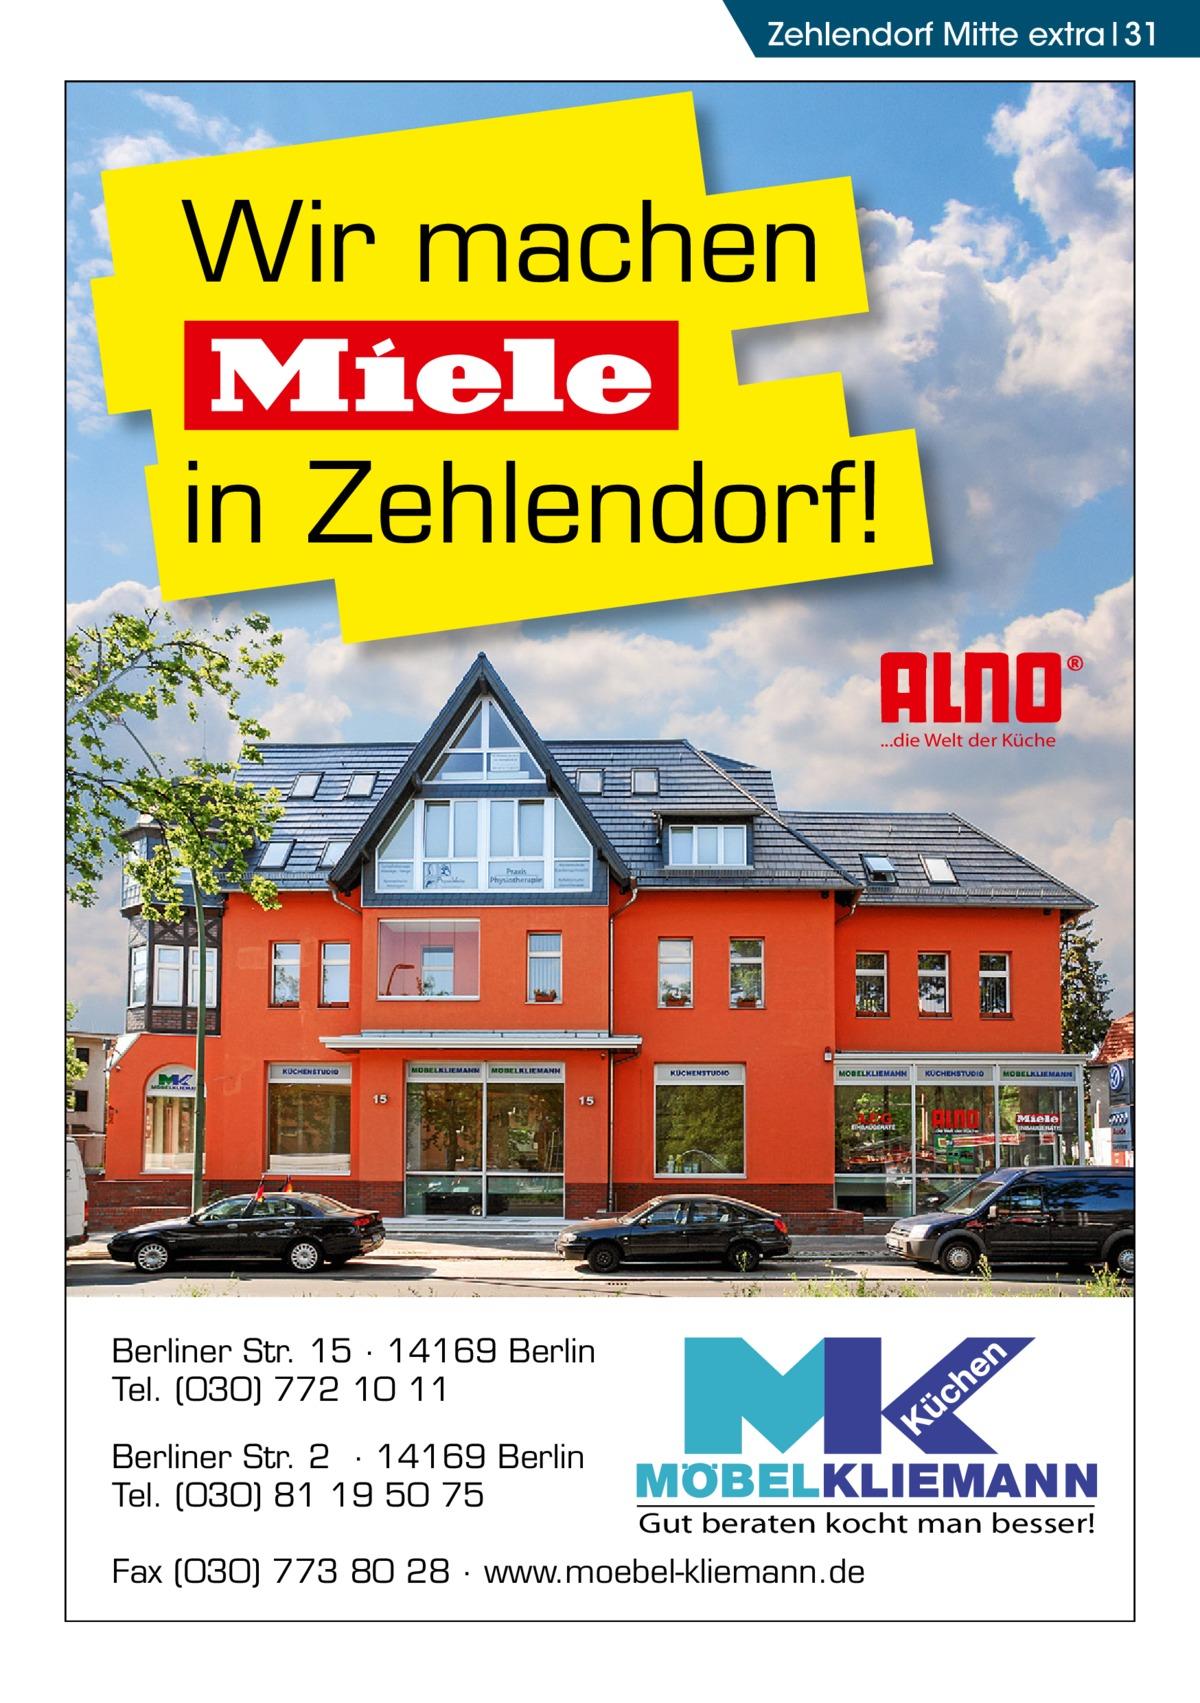 Zehlendorf Mitte extra 31  Wir machen Miele in Zehlendorf! ...die Welt der Küche  Berliner Str. 15 · 14169 Berlin Tel. (030) 772 10 11 Berliner Str. 2 · 14169 Berlin Tel. (030) 81 19 50 75  Gut beraten kocht man besser!  Fax (030) 773 80 28 · www.moebel-kliemann.de